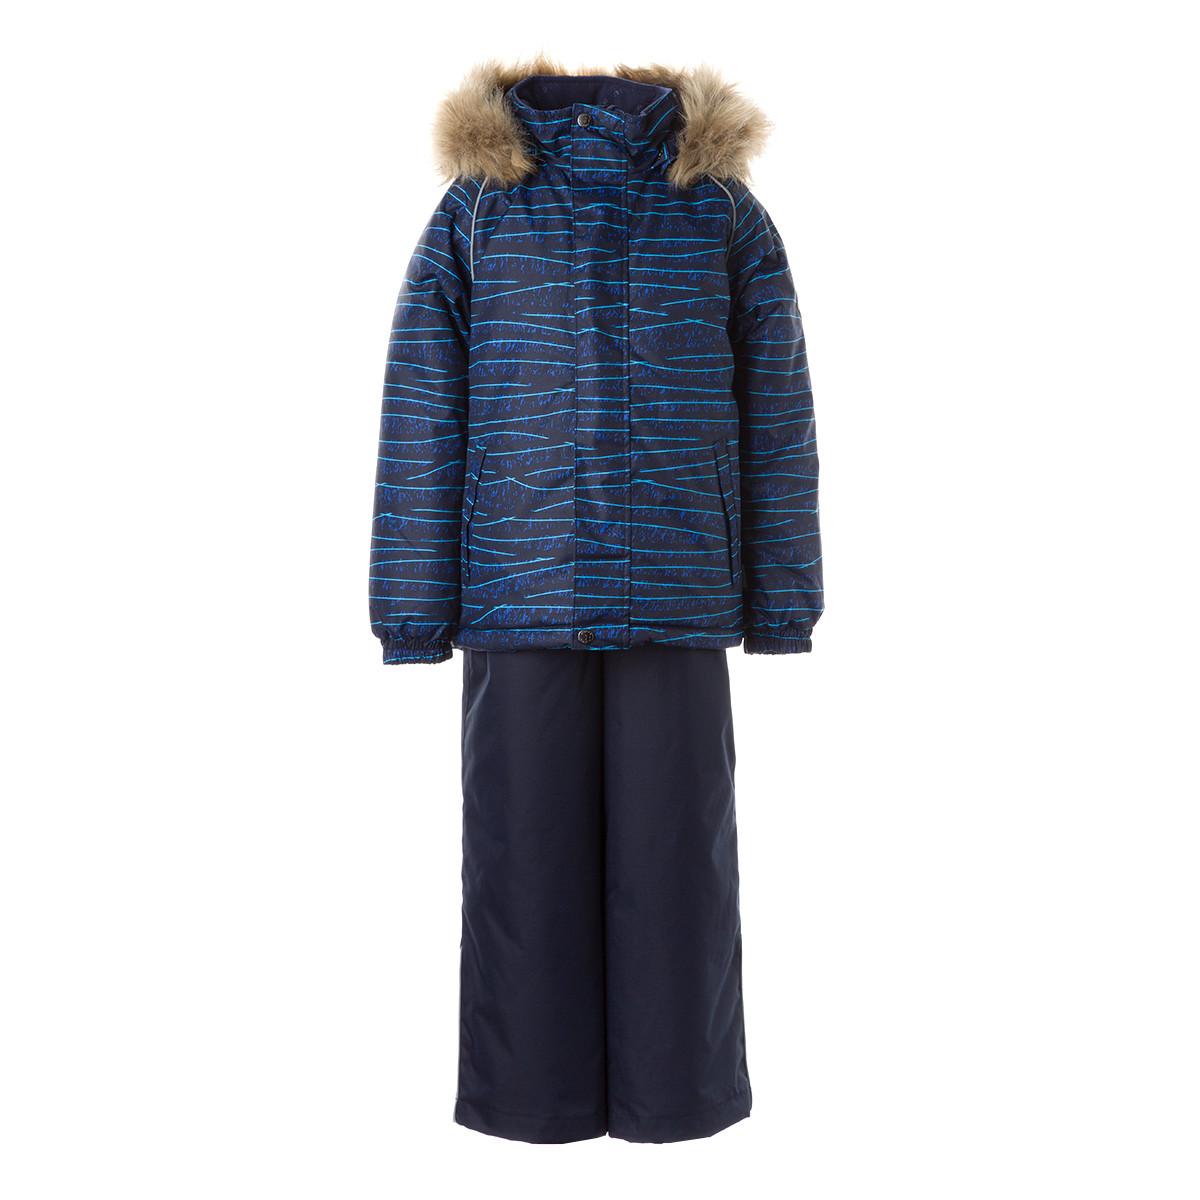 Детский комплект Huppa WINTER, темно-синий с принтом